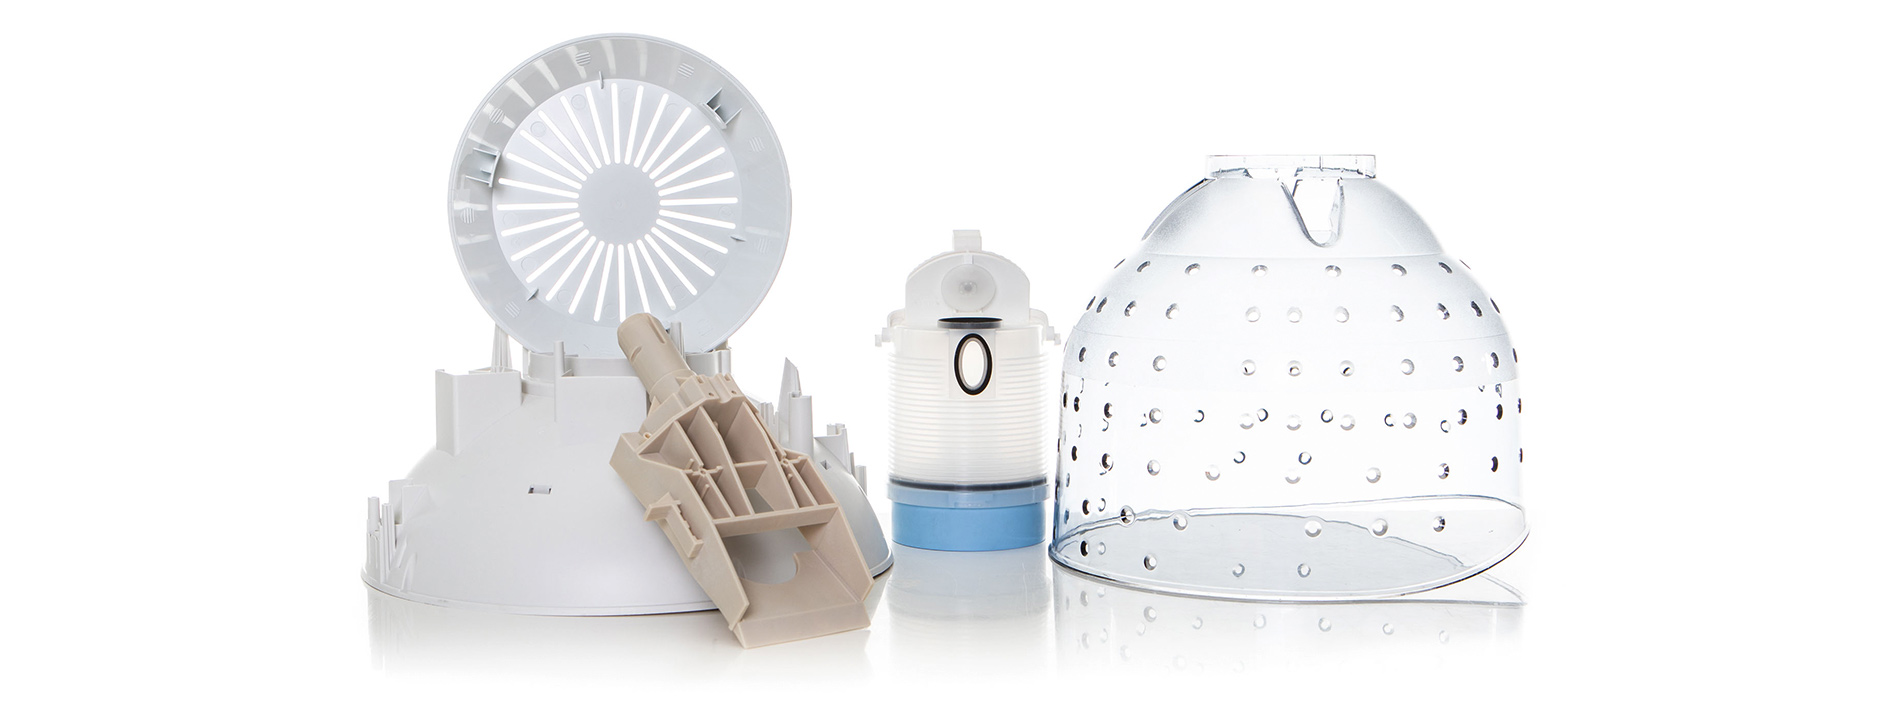 Kunststoffverarbeitung Winter Kunststoff-Einzelteile für Friseurtechnik